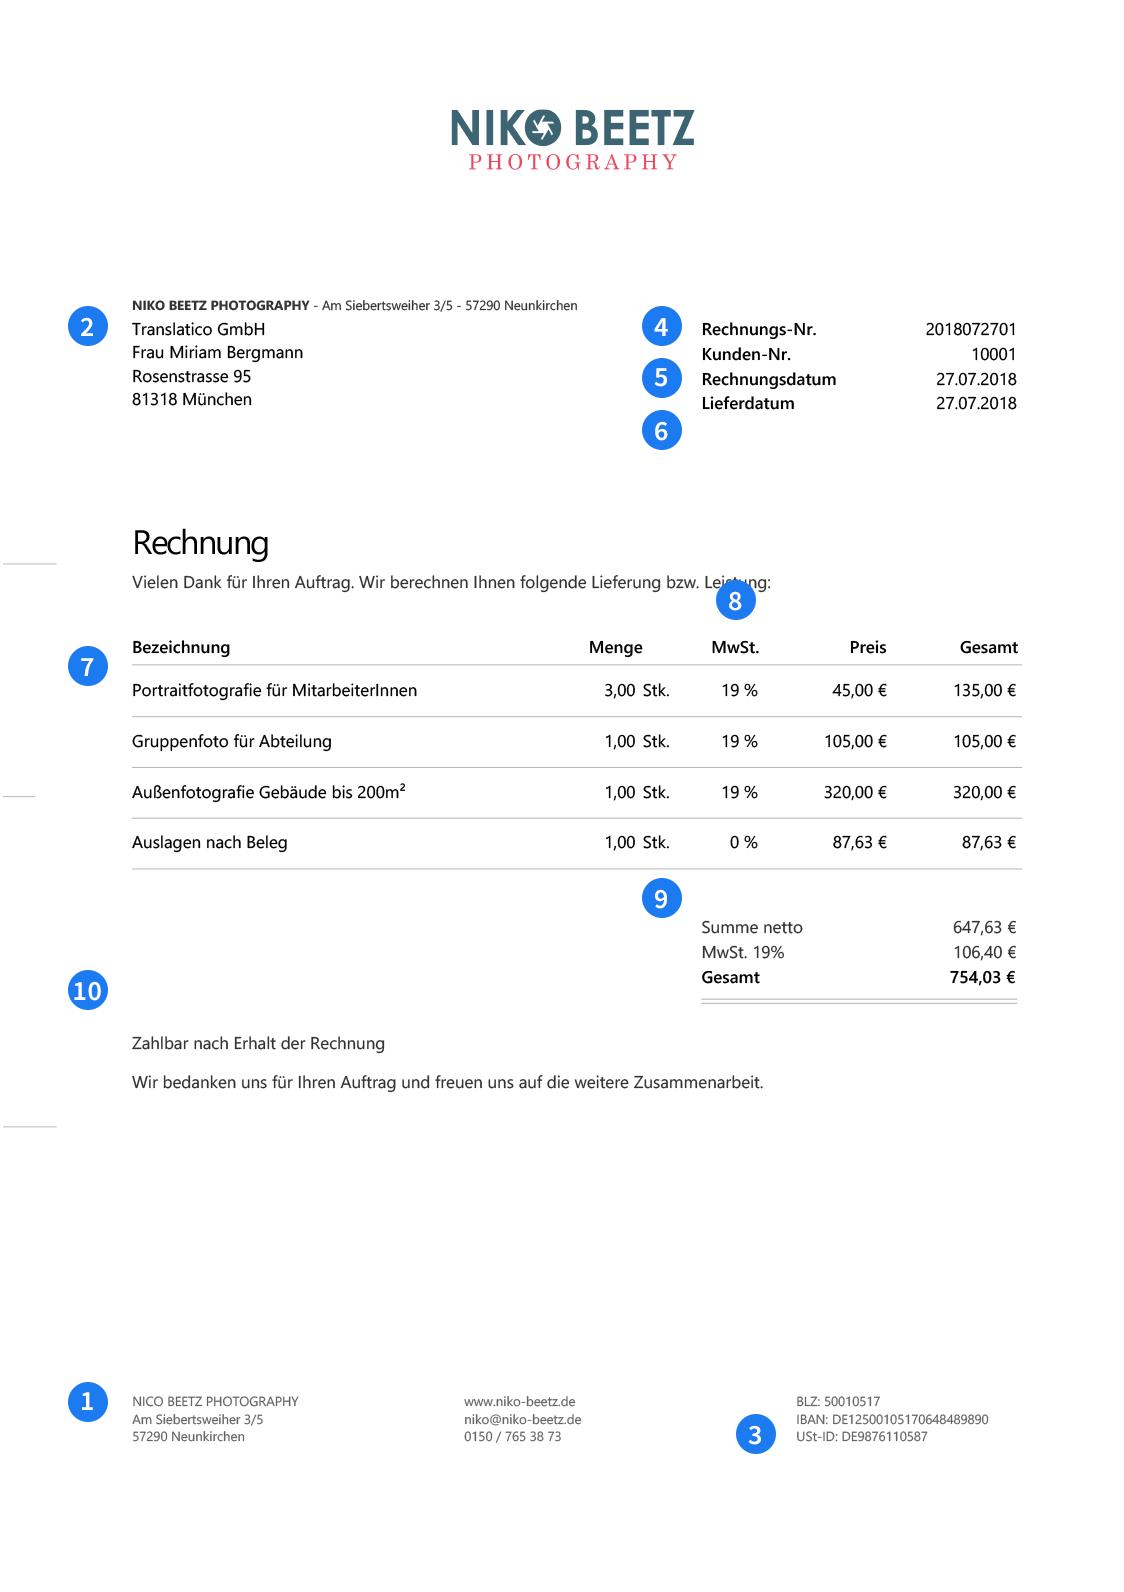 Rechnungsprogramm Invoiz Rechnungsvorlagen